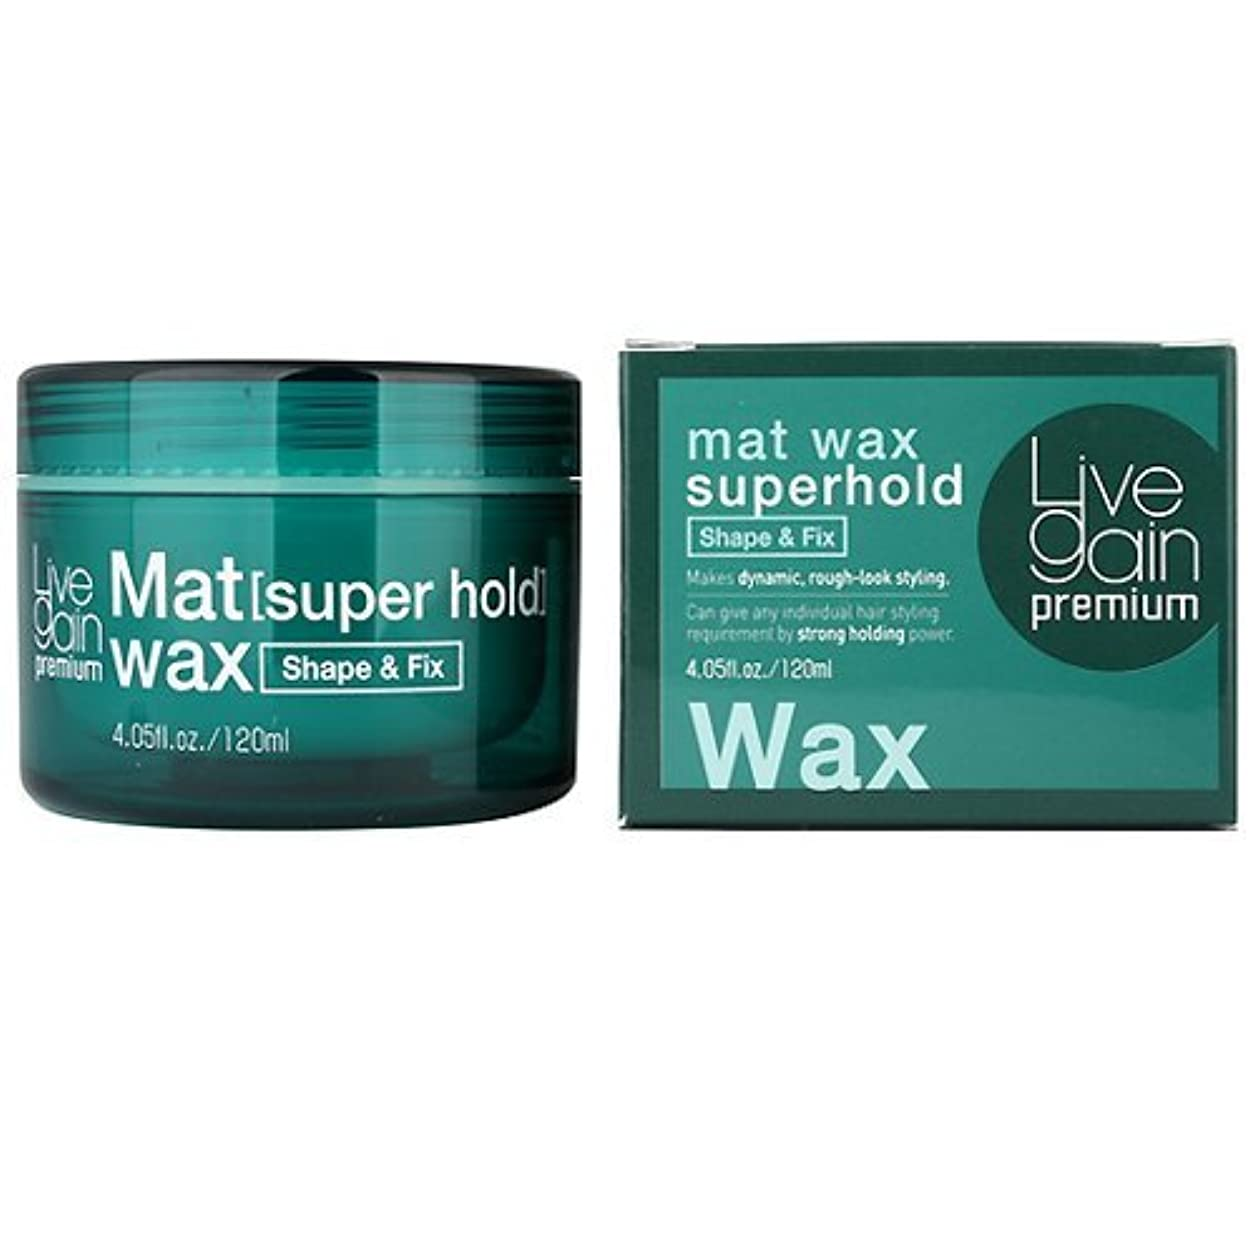 カプラー確執木曜日Livegain プレミアム マット ワックス スーパーホールド 120ml マット ヘア ワックス ストロング ホールド (Premium Mat Wax Superhold 120ml Matte Hair wax...